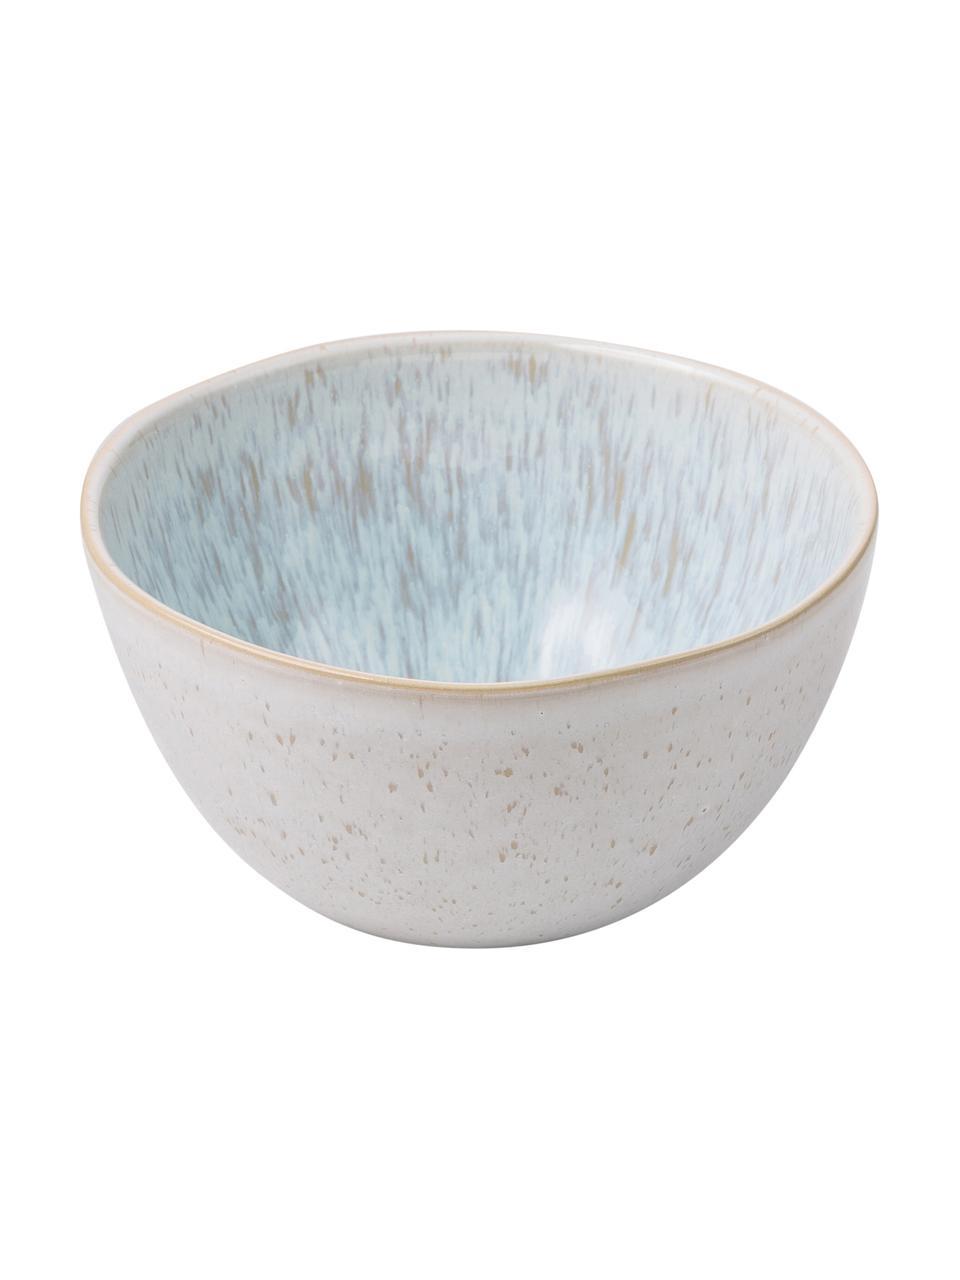 Handbemalte Schälchen Areia mit reaktiver Glasur, 2 Stück, Steingut, Hellblau, Gebrochenes Weiß, Hellbeige, Ø 15 x H 8 cm